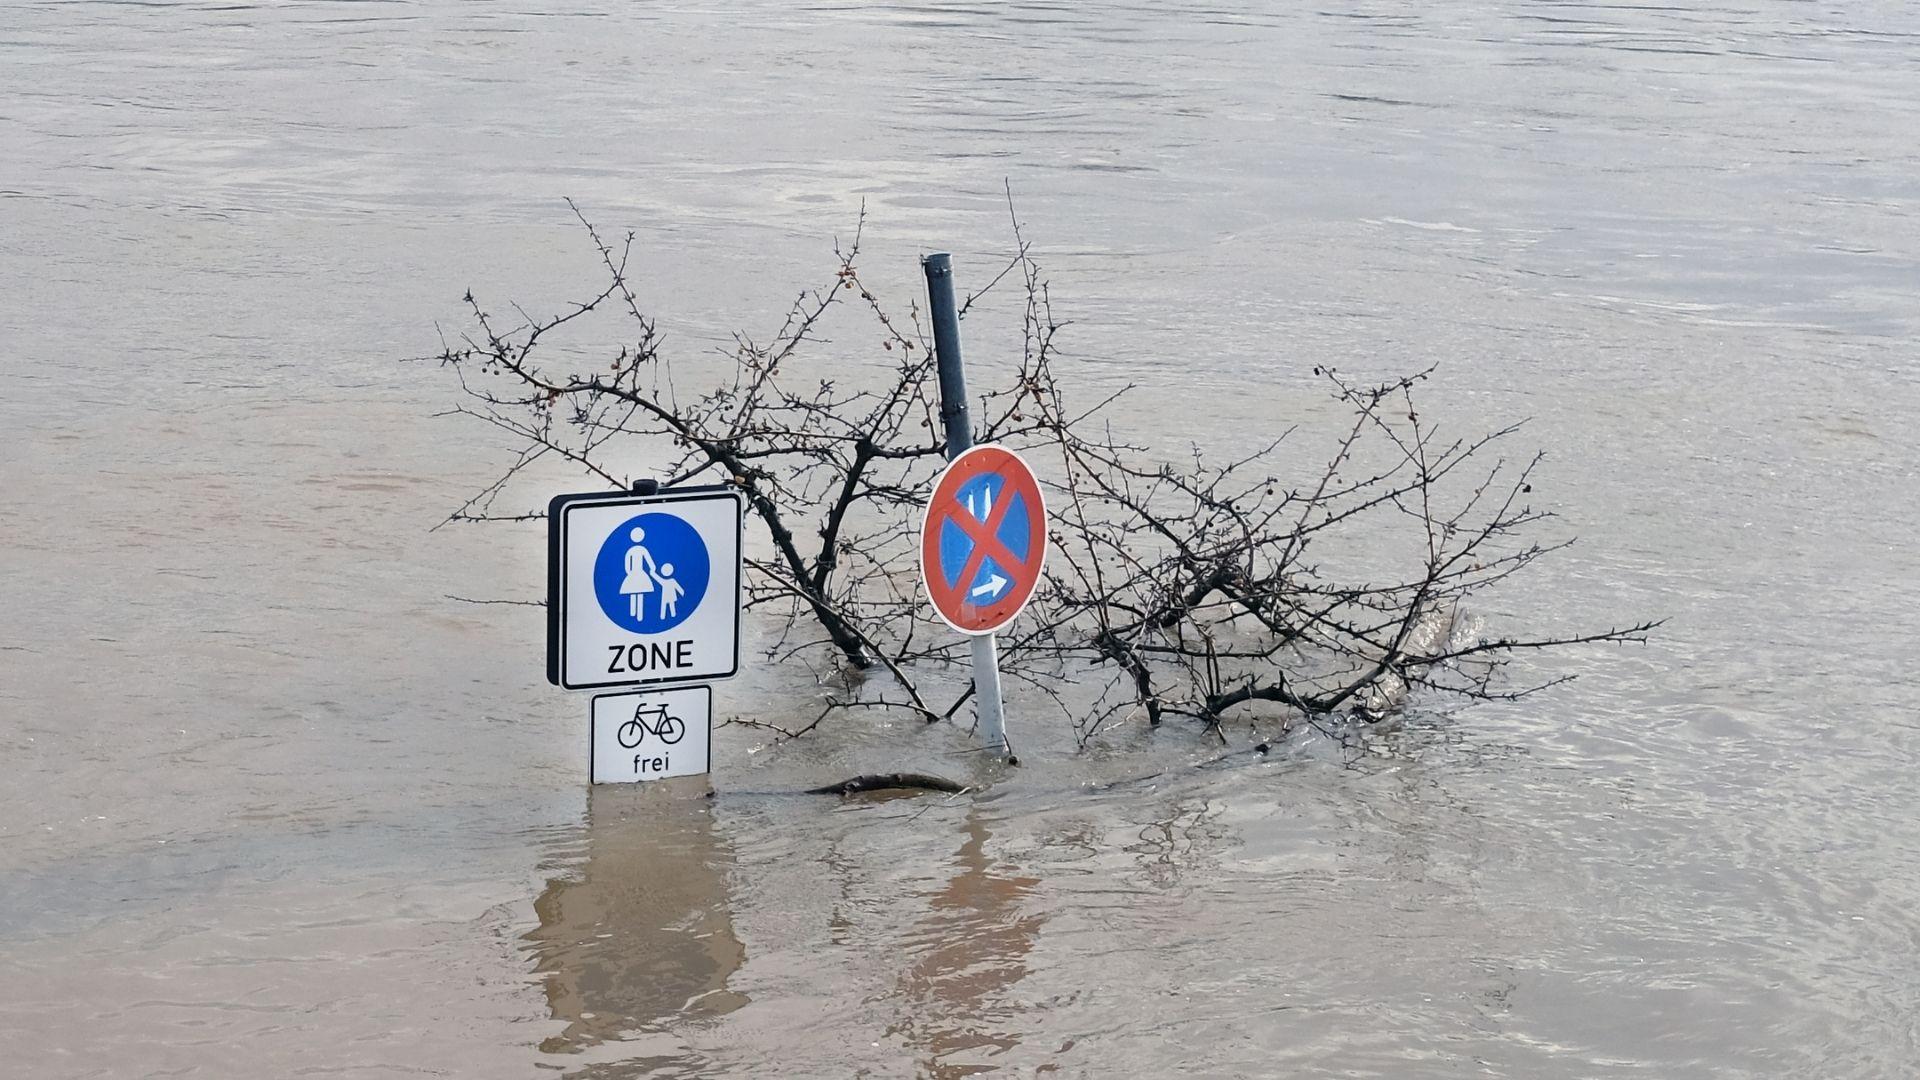 (Symbolbild) Flut in einer Innenstadt